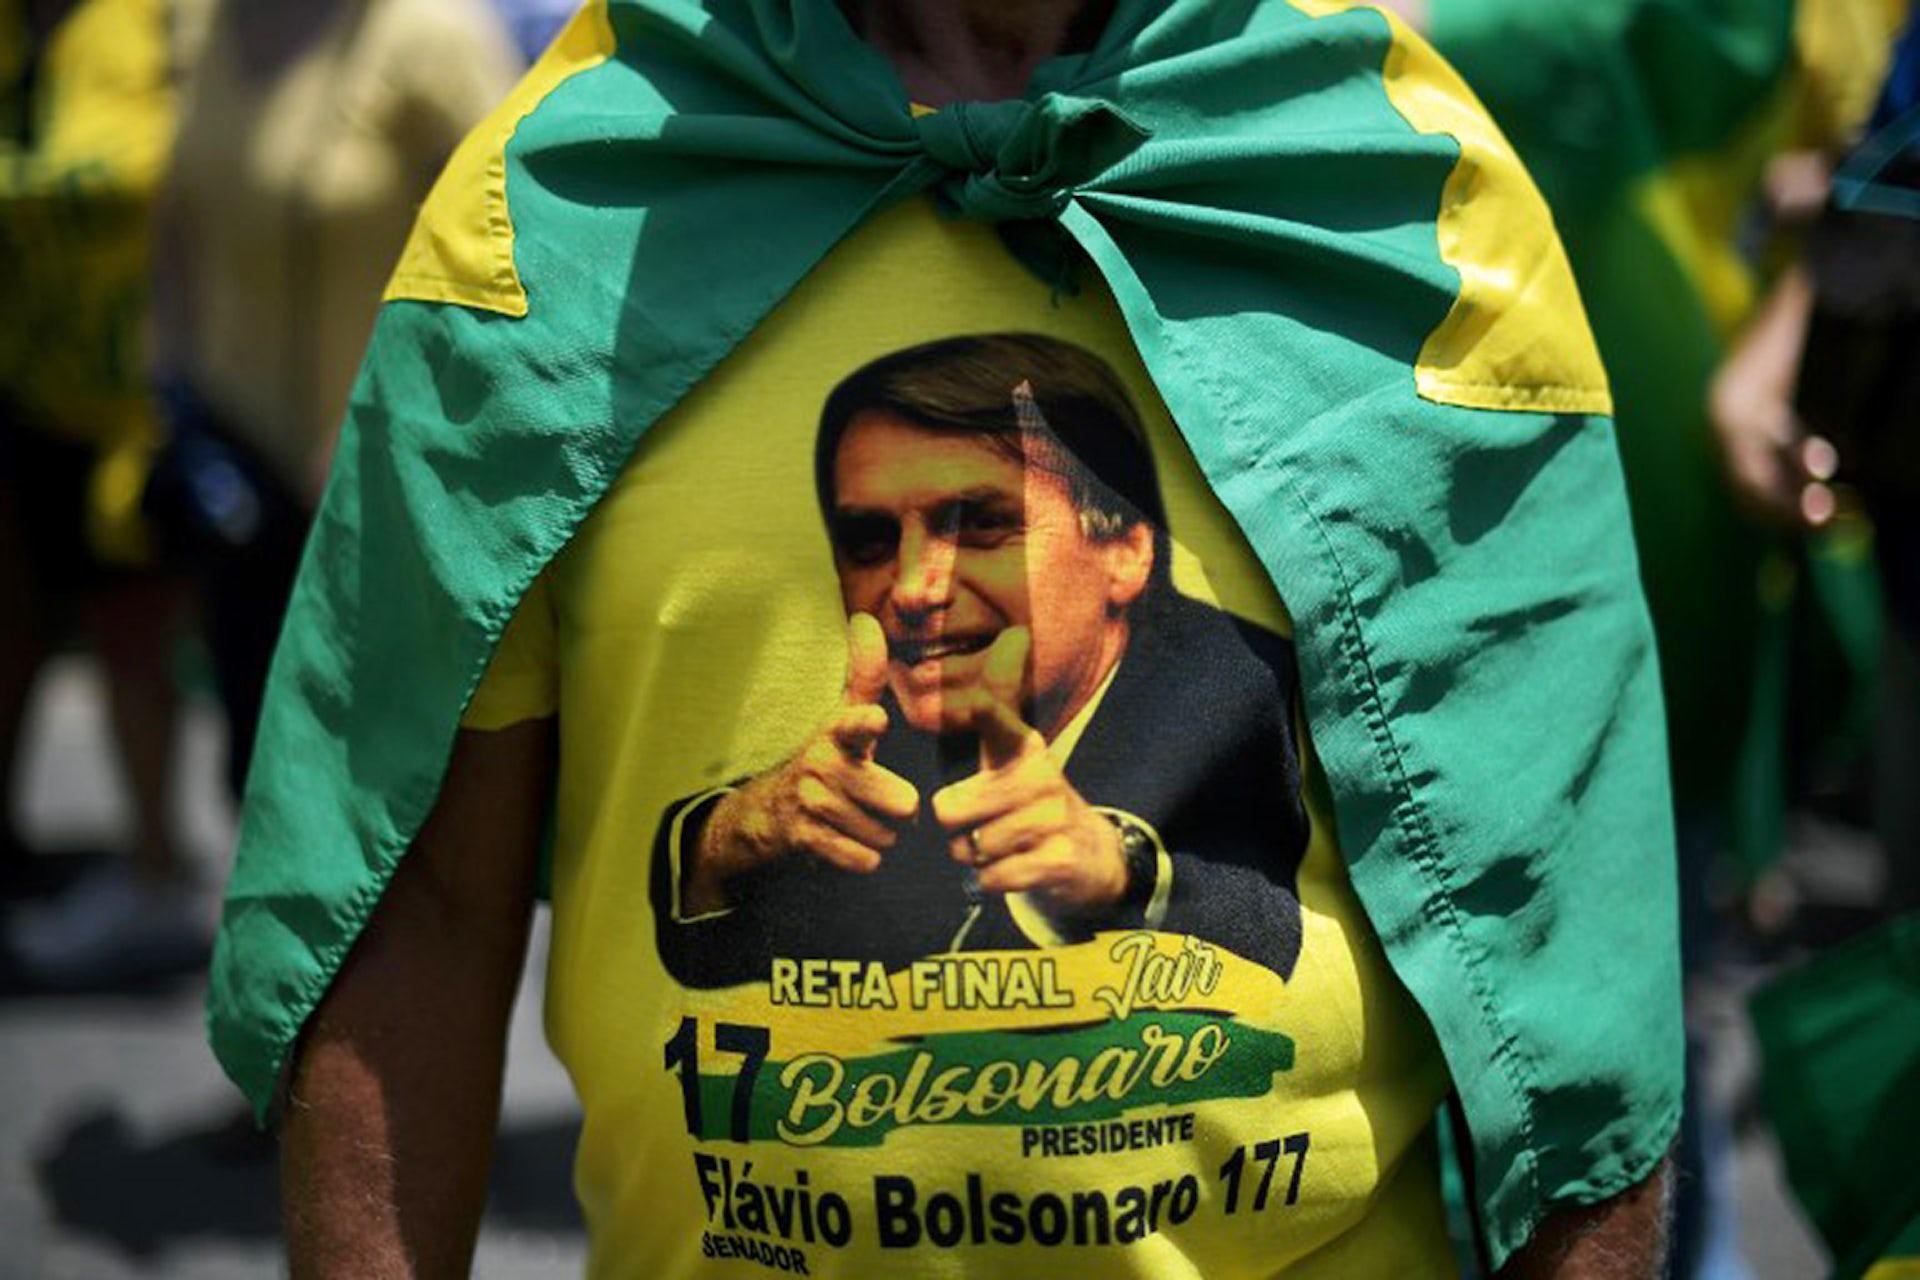 Bolsonaro, le candidat de l'agrobusiness brésilien  dans - AGRICULTURE - ANNIMAUX - METIERS LIES A LA TERRE